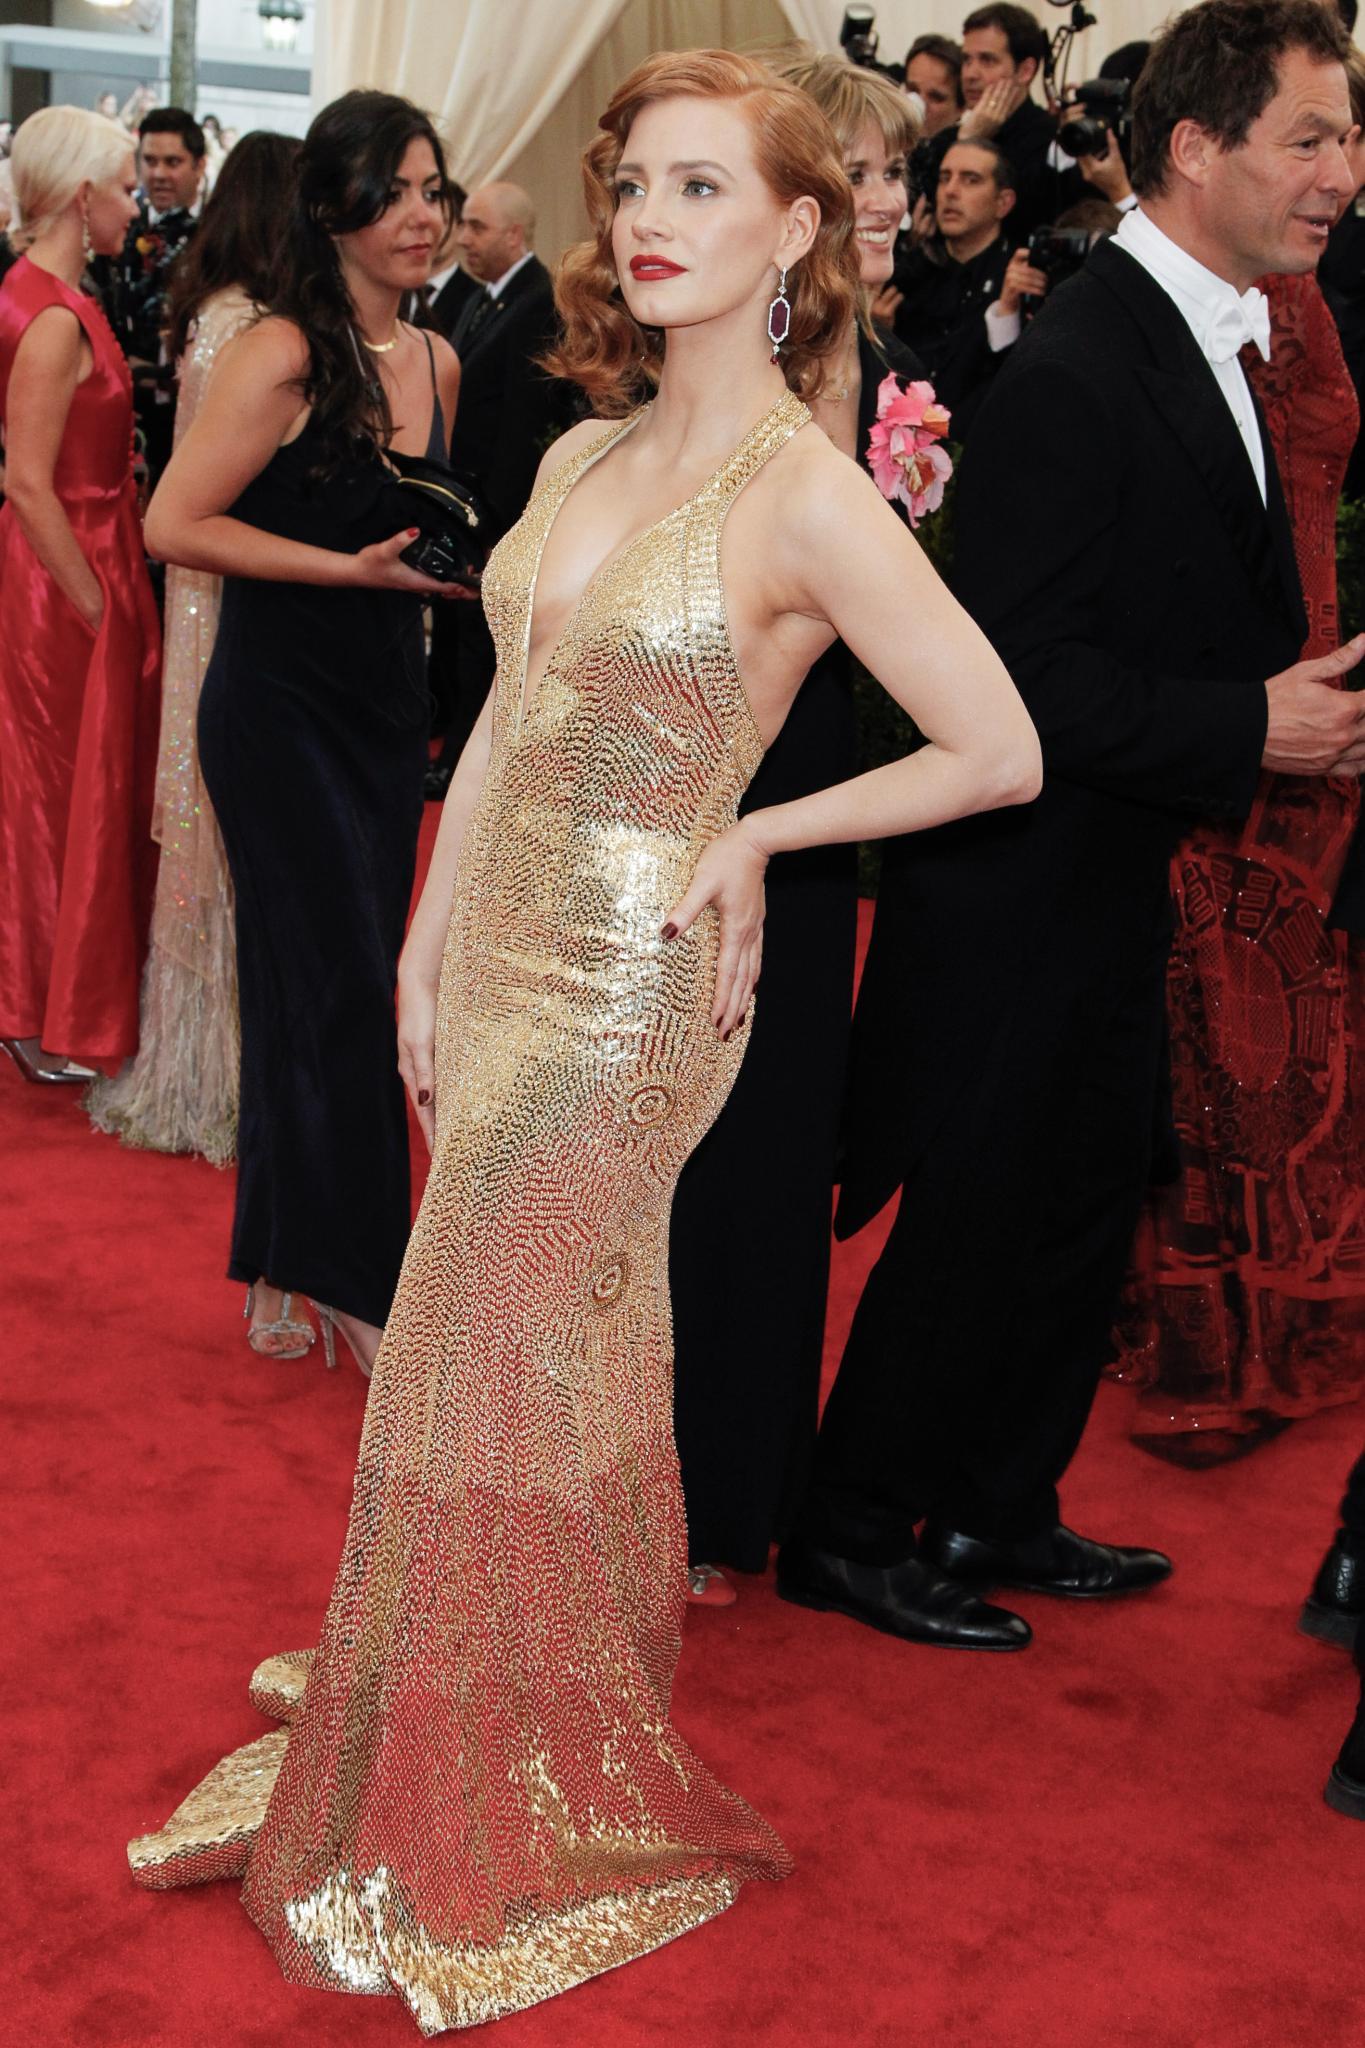 Jessica Chastain en alfombra roja, corte bob con ondas y semi raya al costado